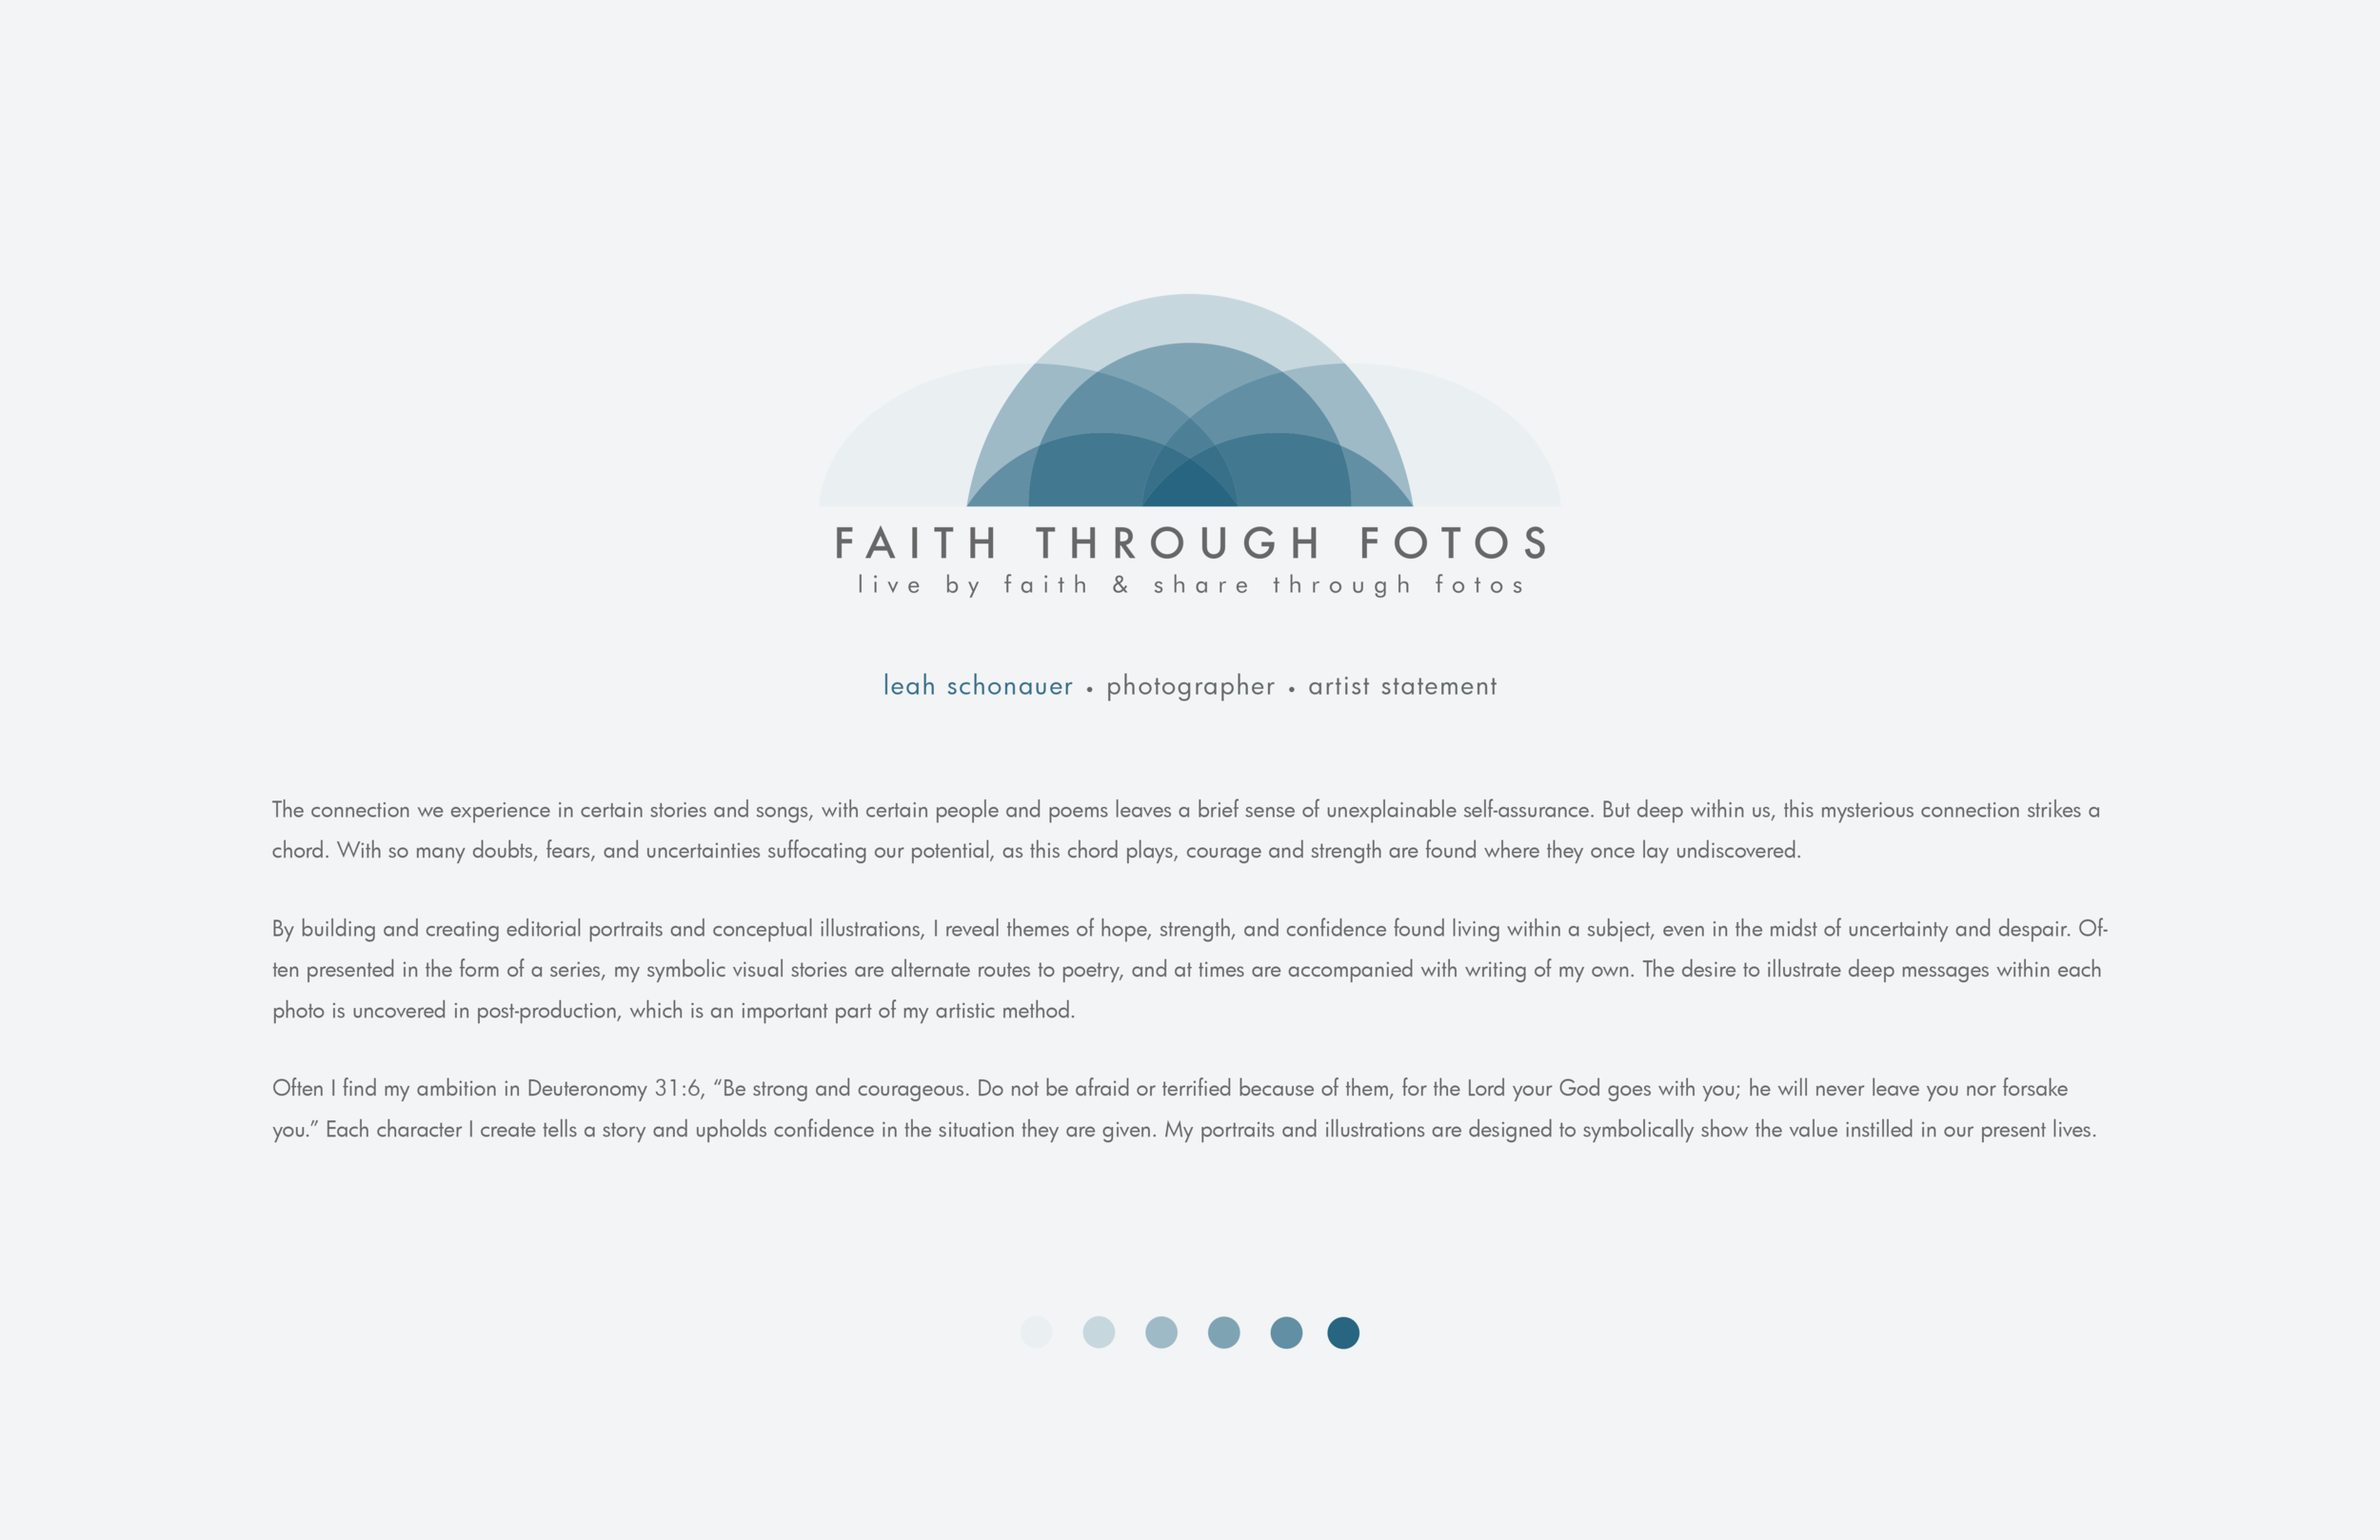 faith-through-fotos_print-portfolio_artist-statement